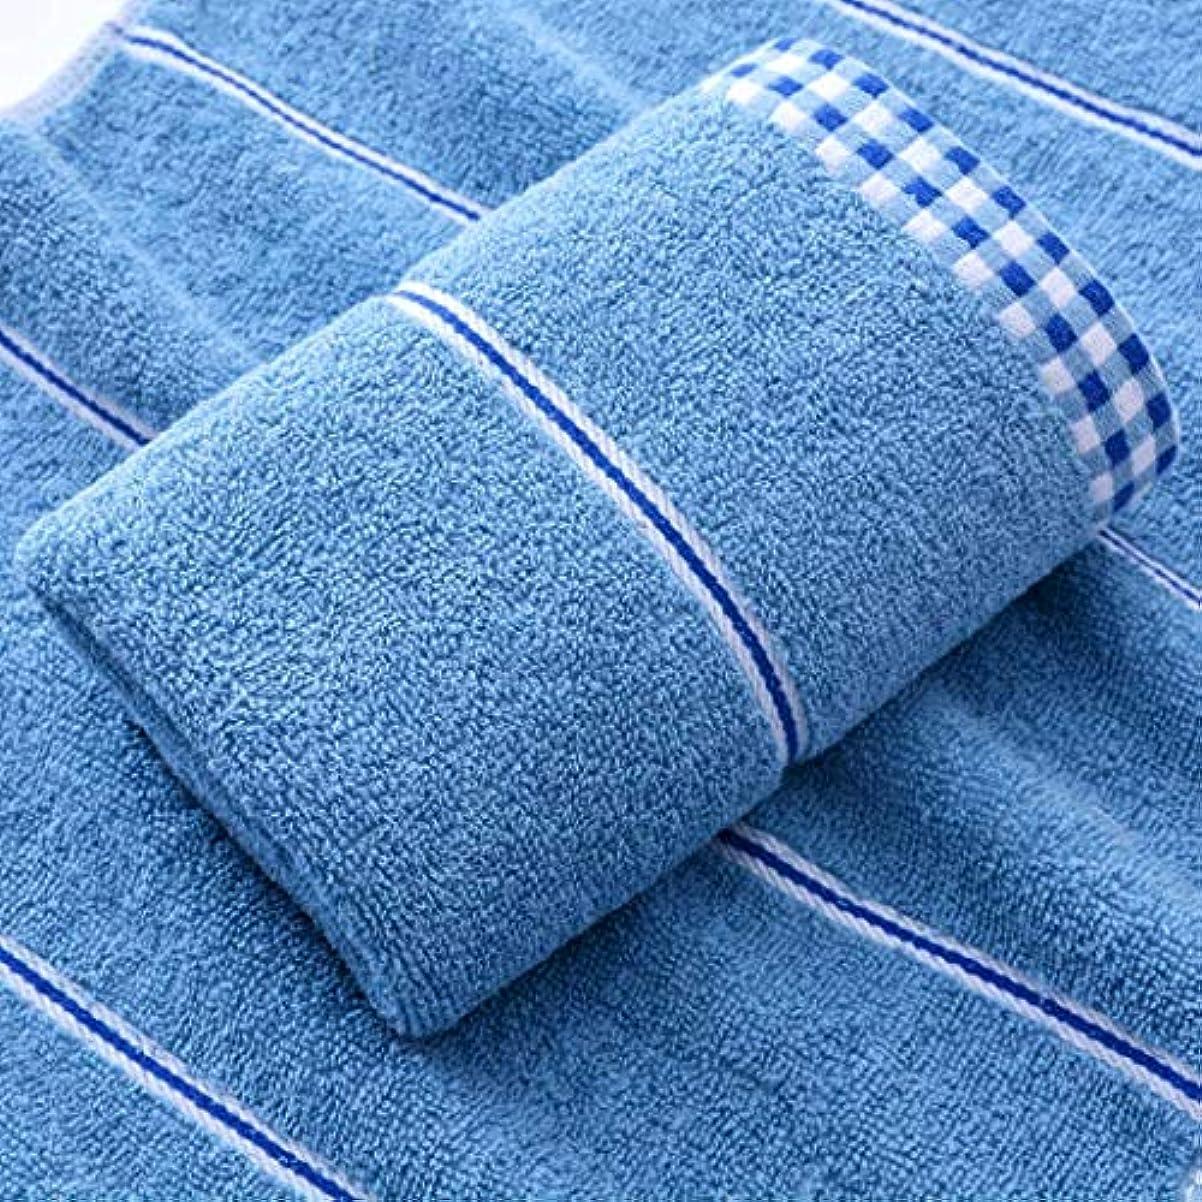 に慣れどこでも世界的にファッション高級スーパーソフトコットンタオルと速乾性タオル,Blue,33*73cm